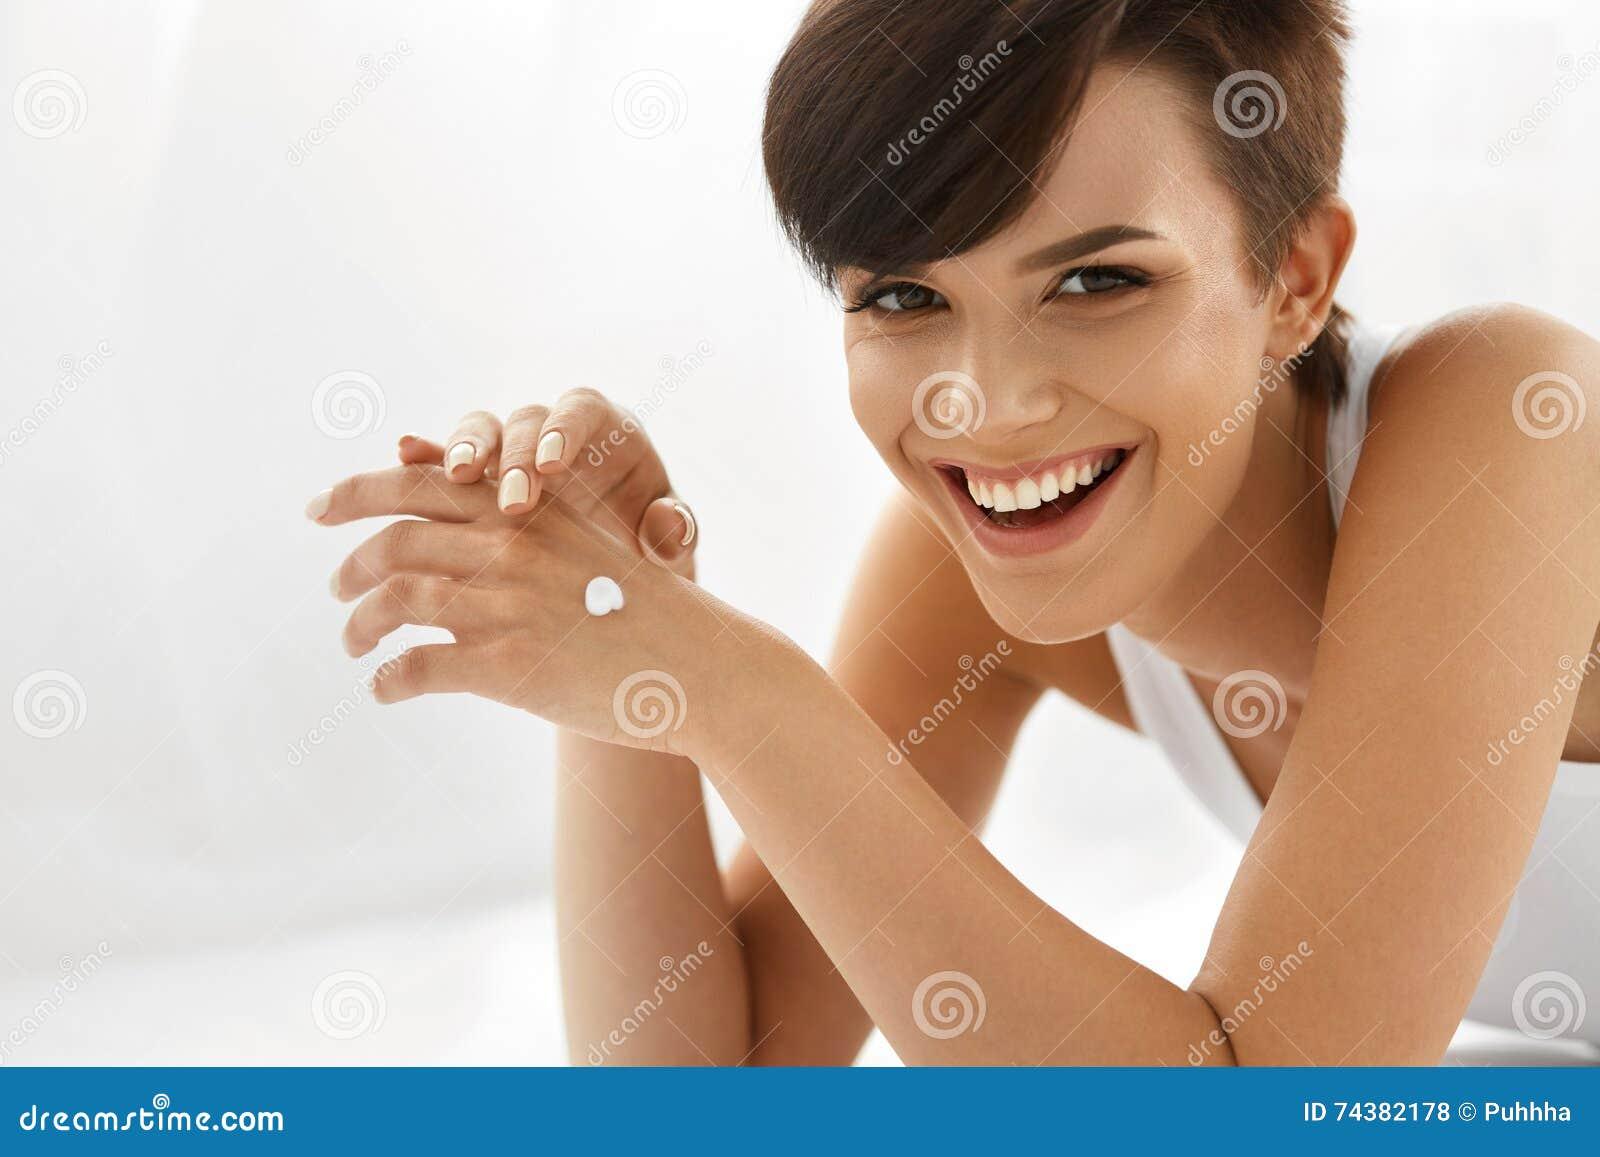 прикладывать политуру кожи внимательности прозрачную Красивая счастливая женщина с сливк руки, лосьоном в наличии